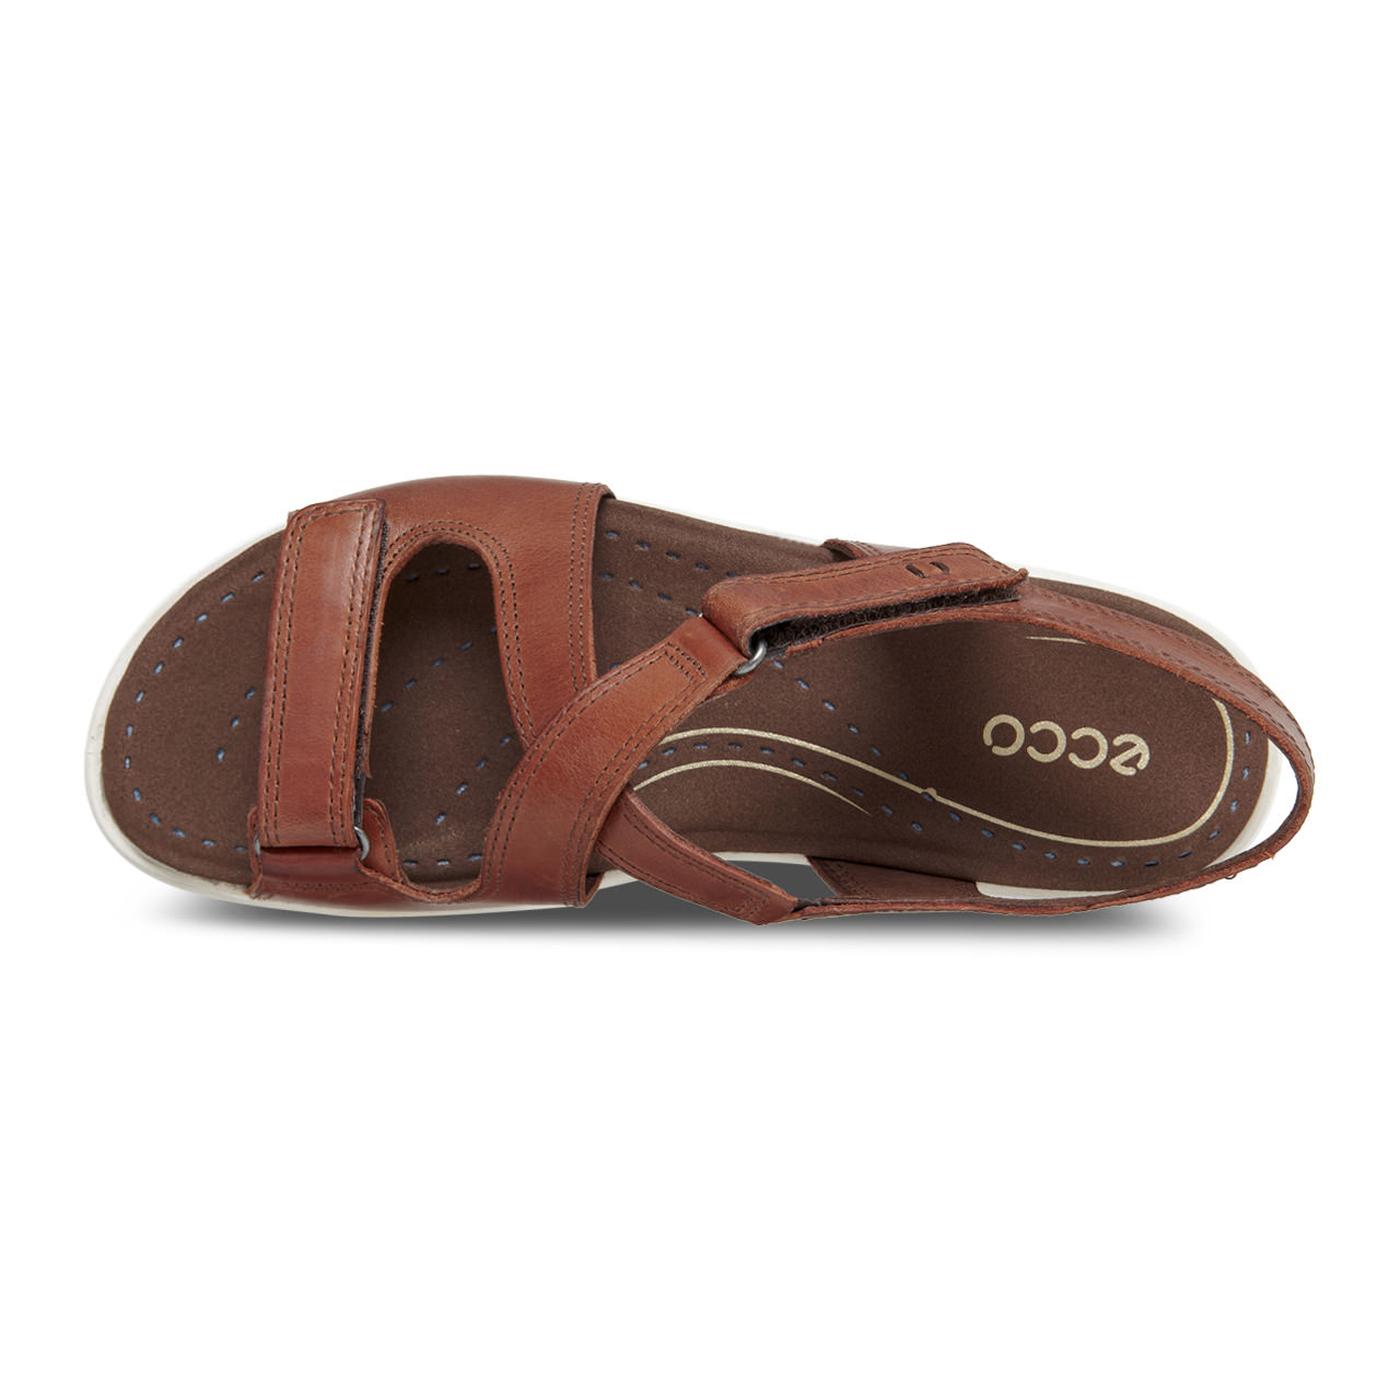 7d253a953 ECCO Babett Sandal